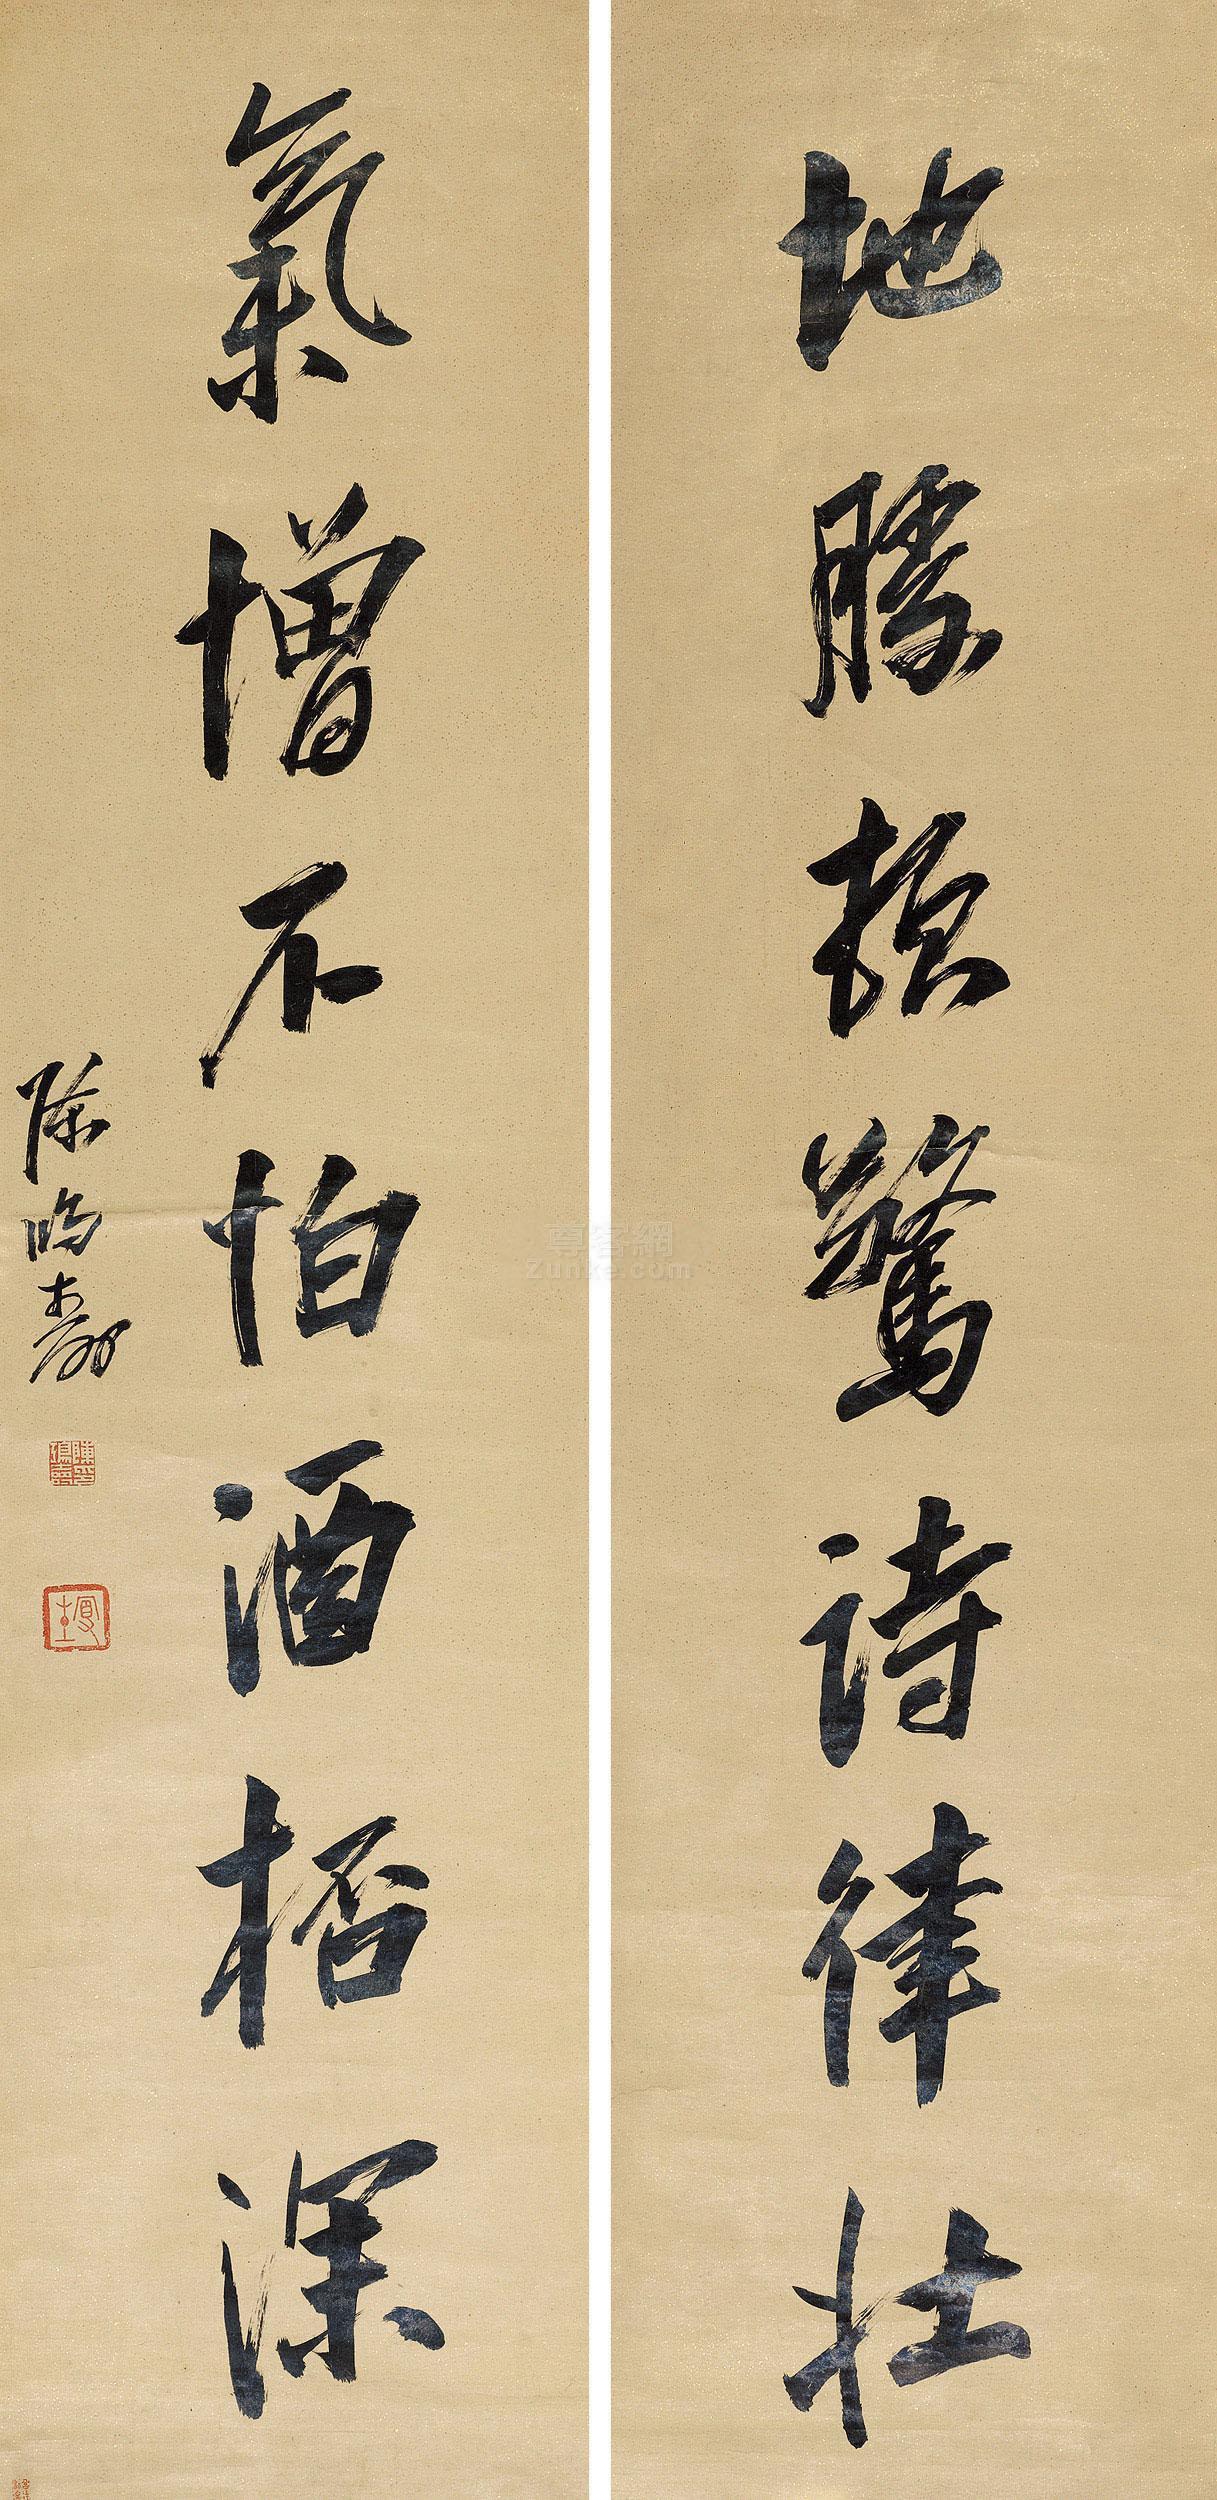 陈鸿寿作品欣赏陈鸿寿 行书七言联 对联 水墨笺本图片